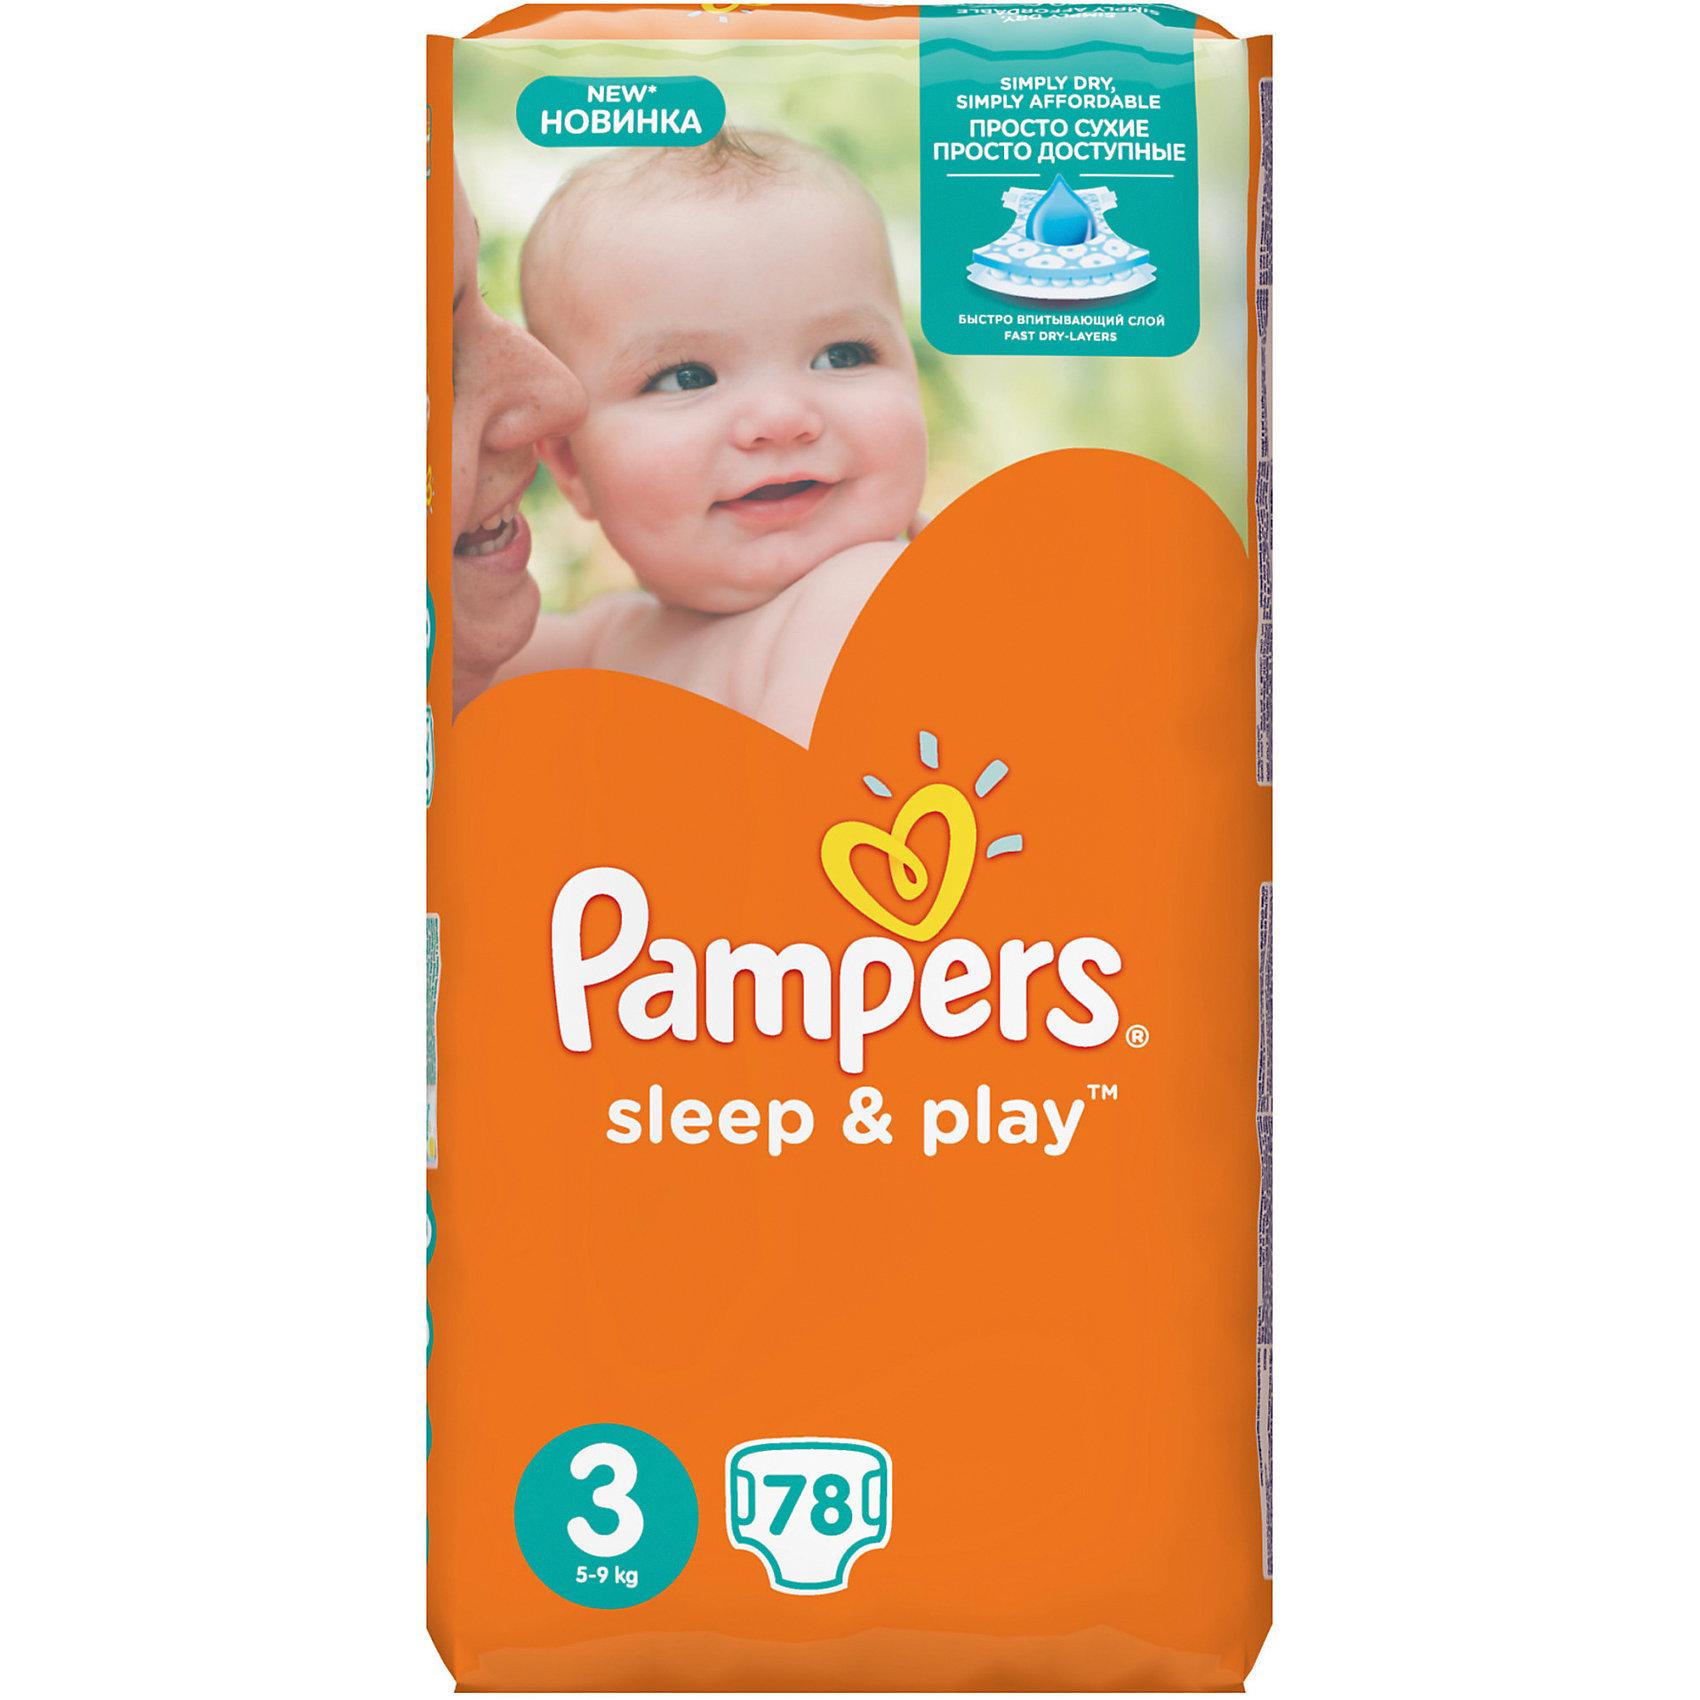 Подгузники Pampers Sleep  Play, 5-9 кг, 3 размер, 78 шт., Pampers